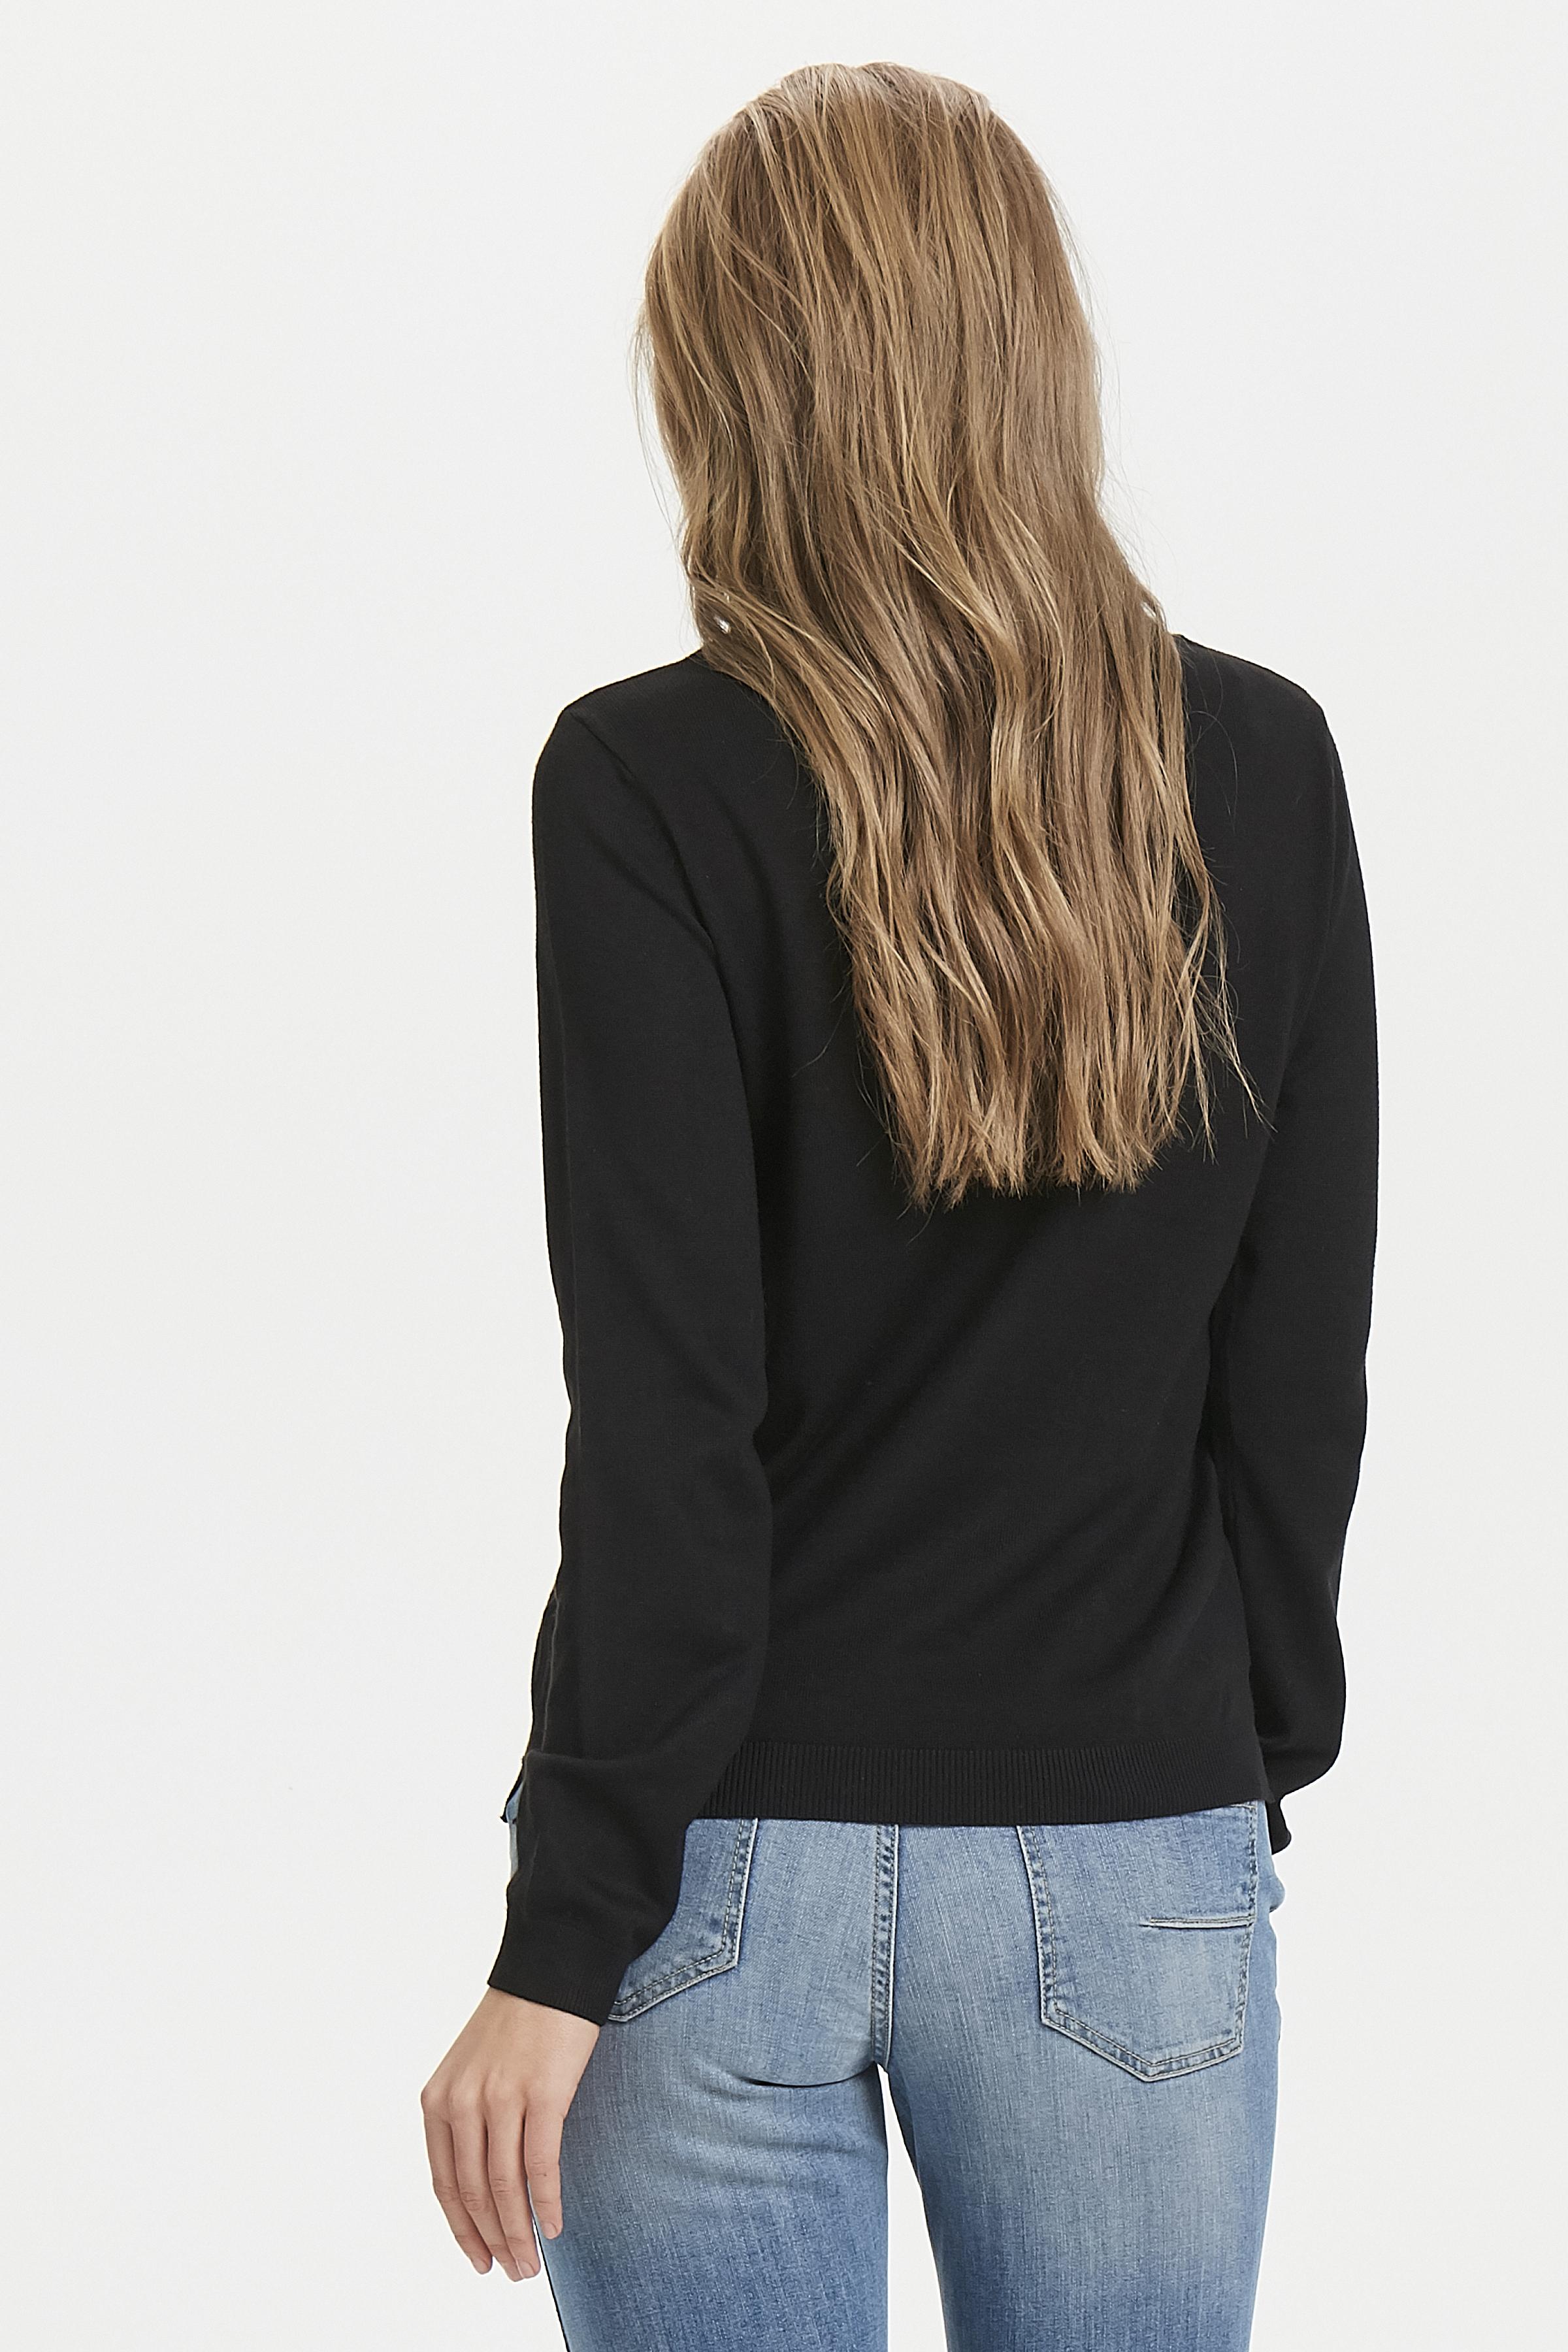 Black Strickpullover von b.young – Kaufen Sie Black Strickpullover aus Größe S-XXL hier